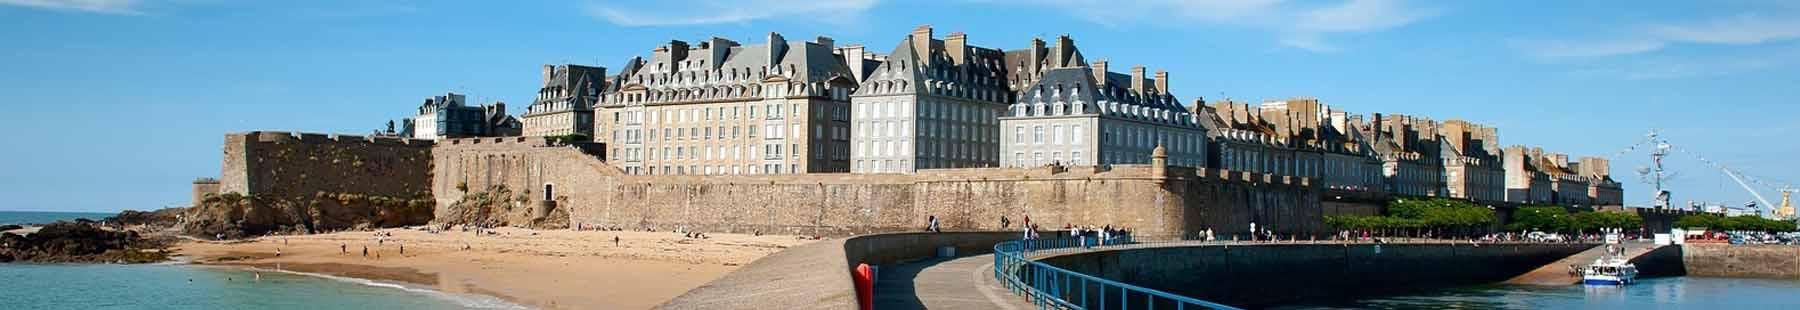 De Saint-Michel à Saint-Malo : 1 séjour et 2 régions